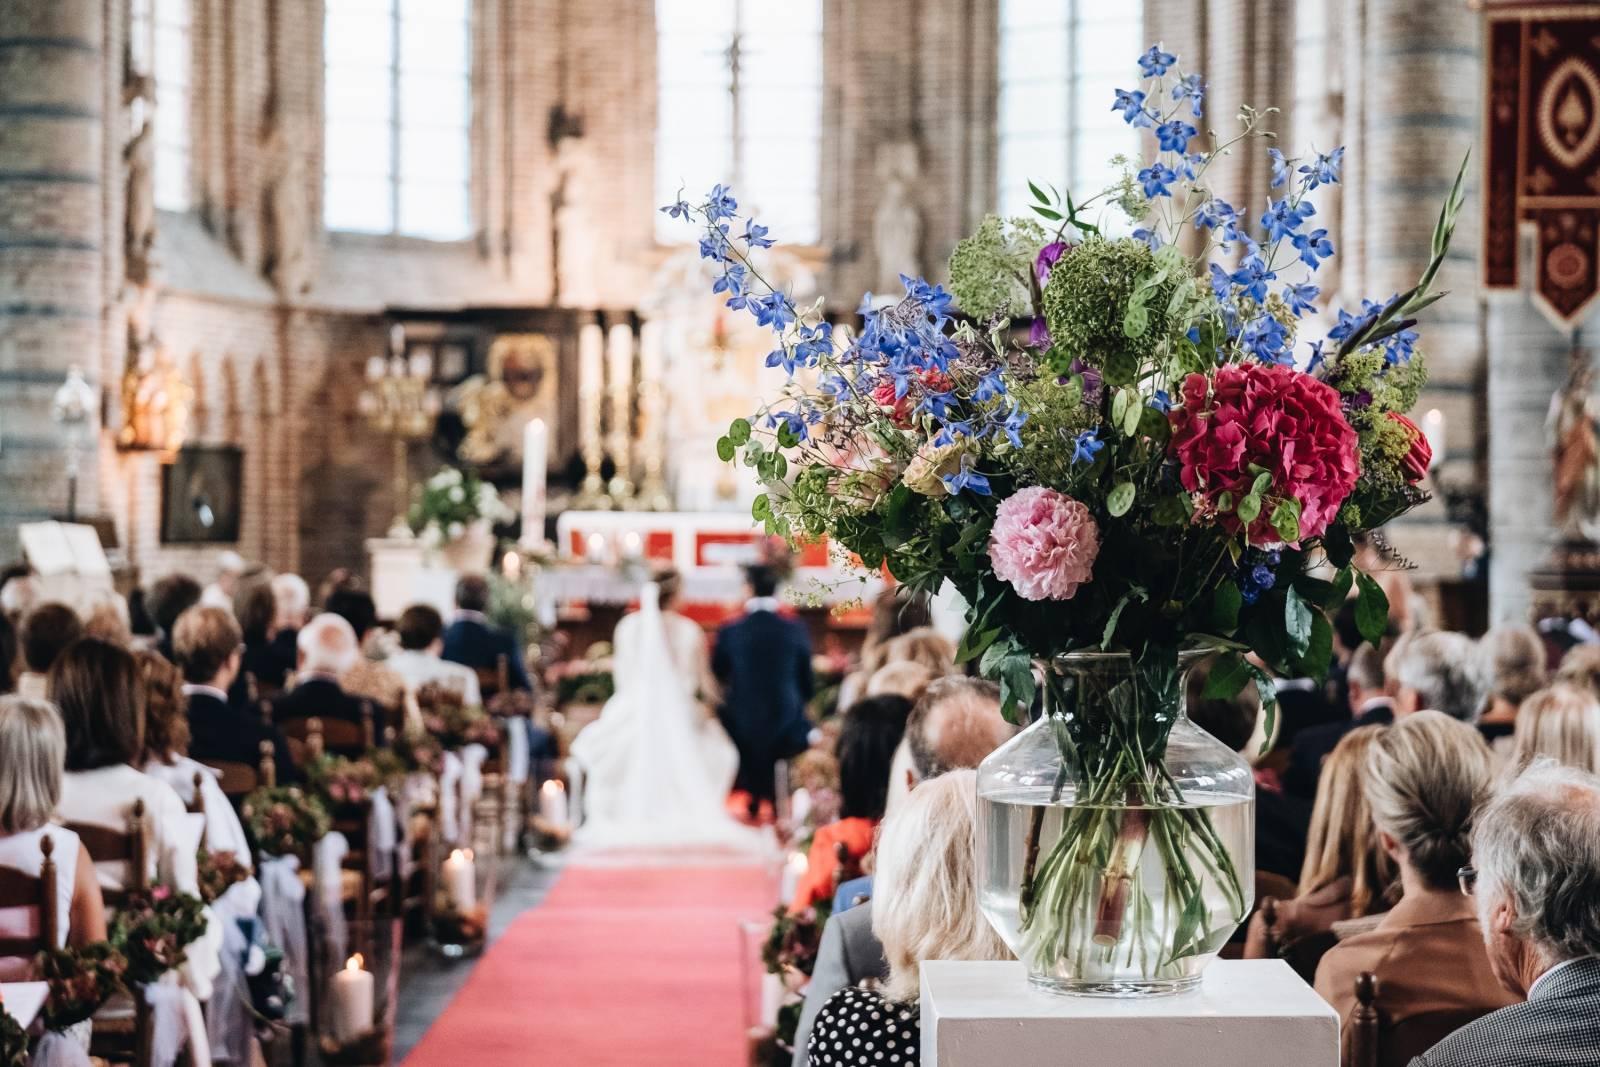 Florenza by Sylvie Van Gastel - Bloemen - Bruidsboeket - Magalie   Gregory - Morrec Photography - House of Weddings - 17